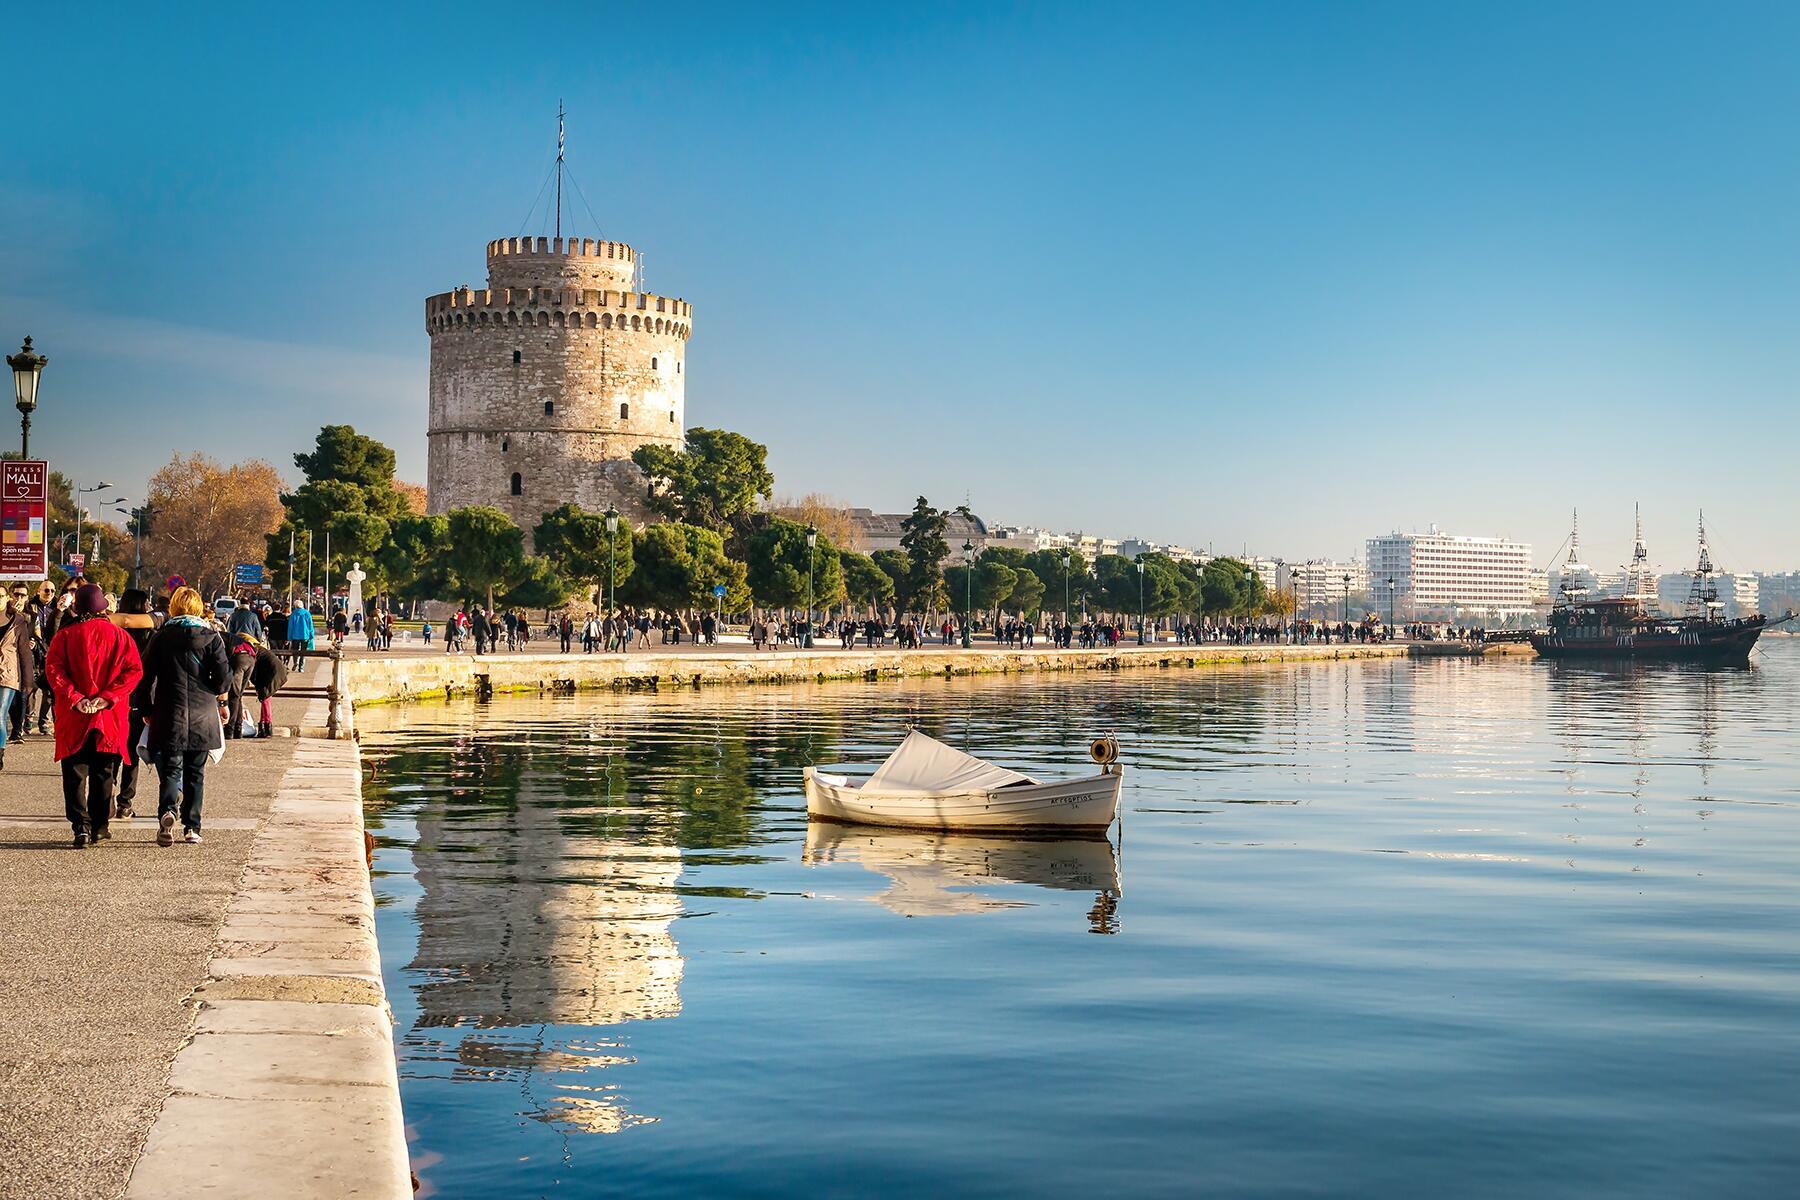 ThessalonikiEuroTour__HERO_shutterstock_358235459